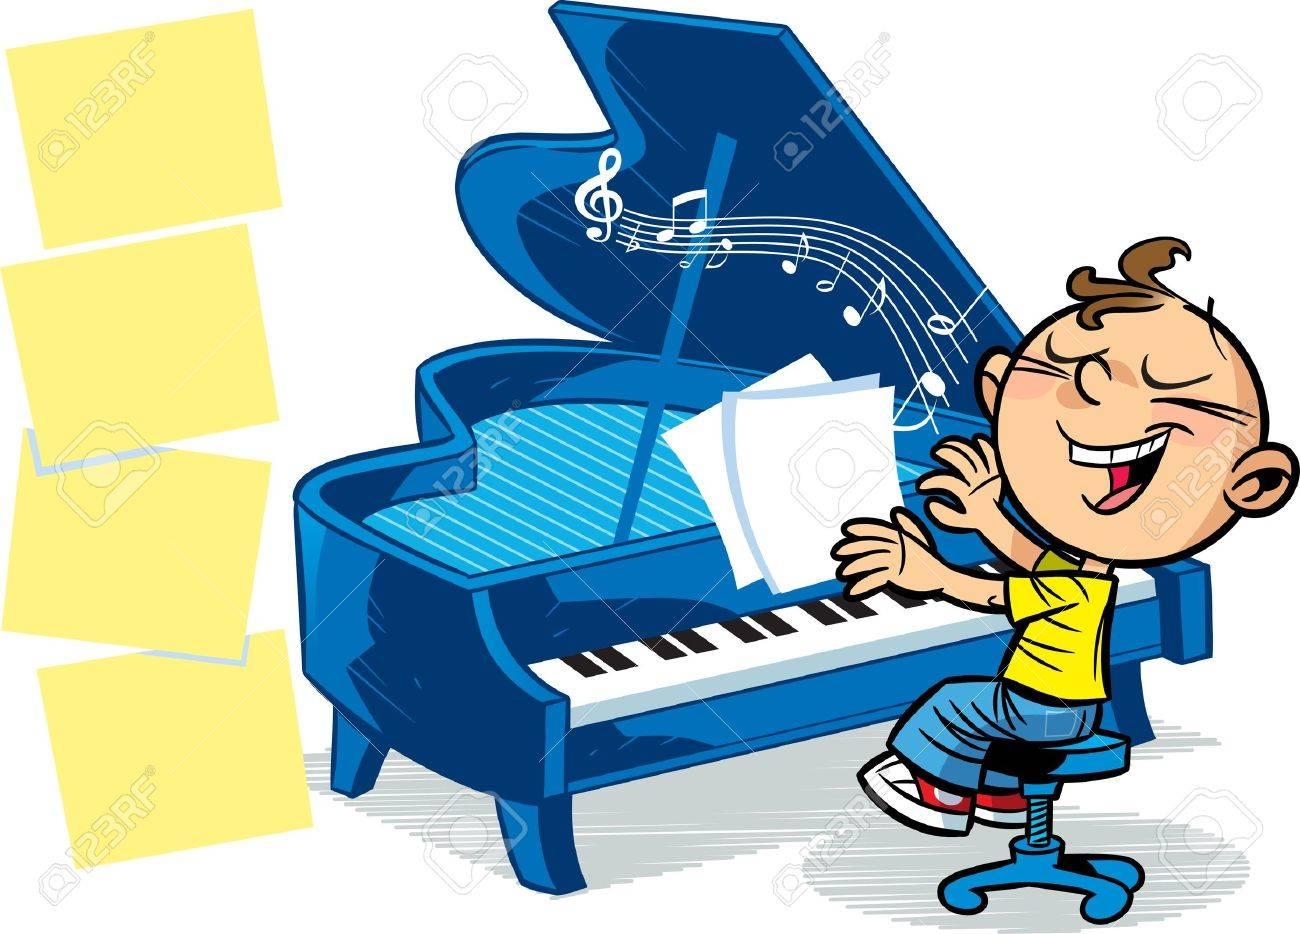 La Ilustración Presentada Al Niño Que Toca El Piano Ilustraciones ...